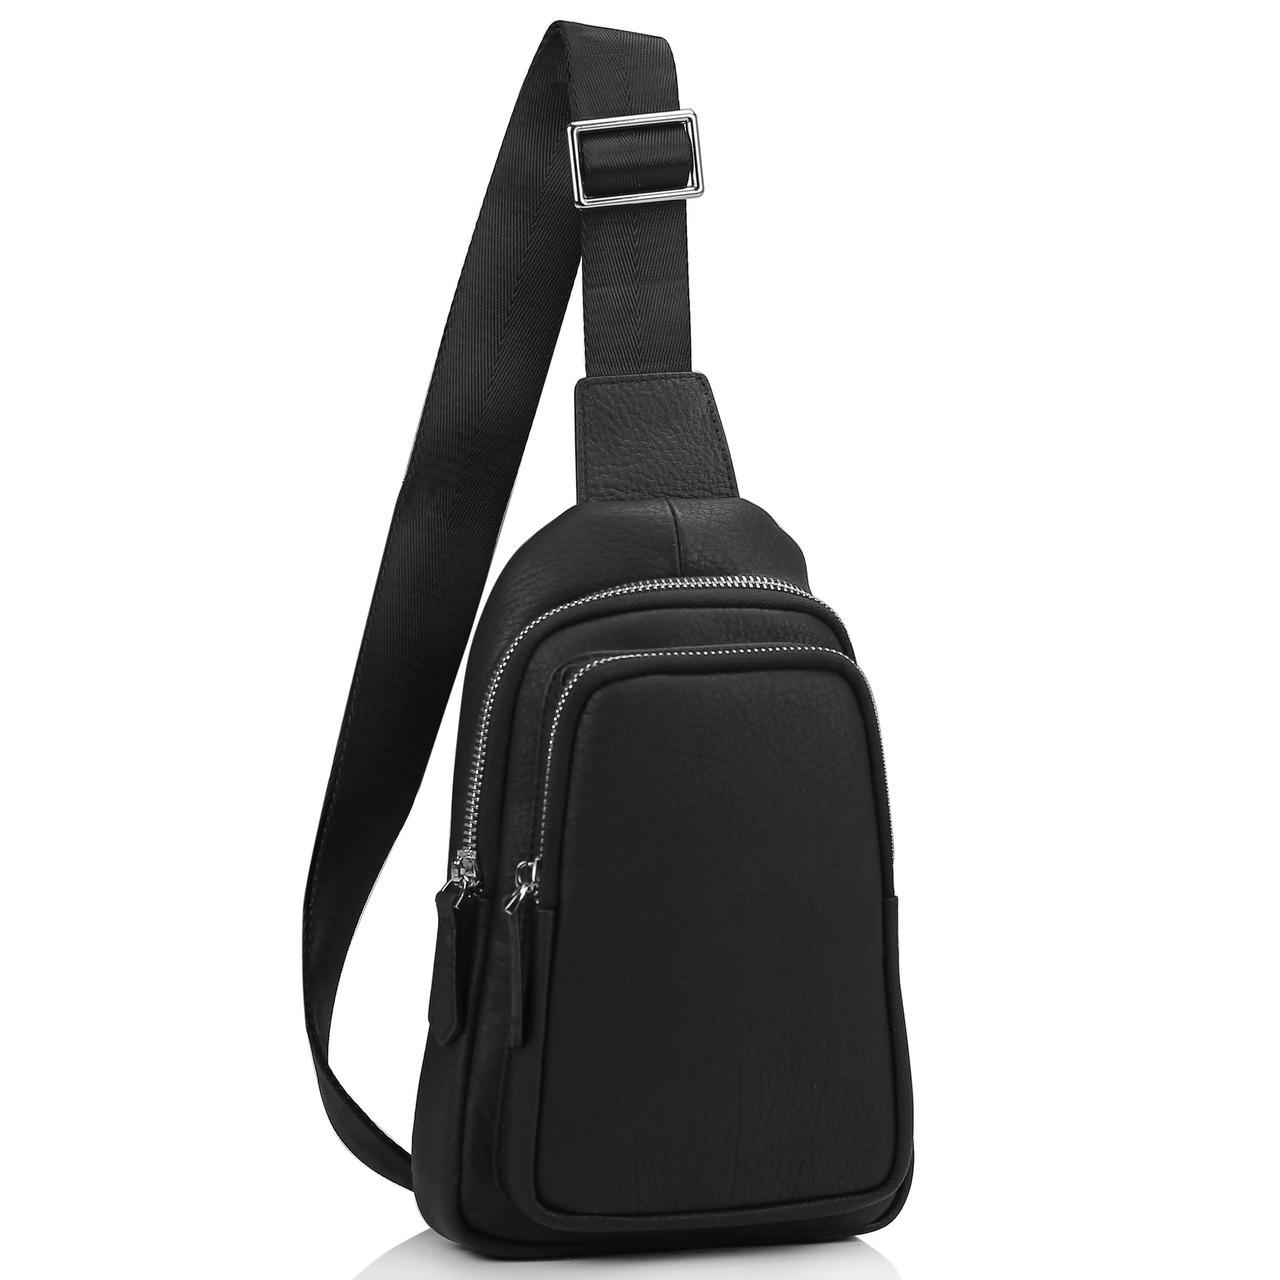 Мужской черный кожаный слинг на плечо Tiding Bag SM8-356A